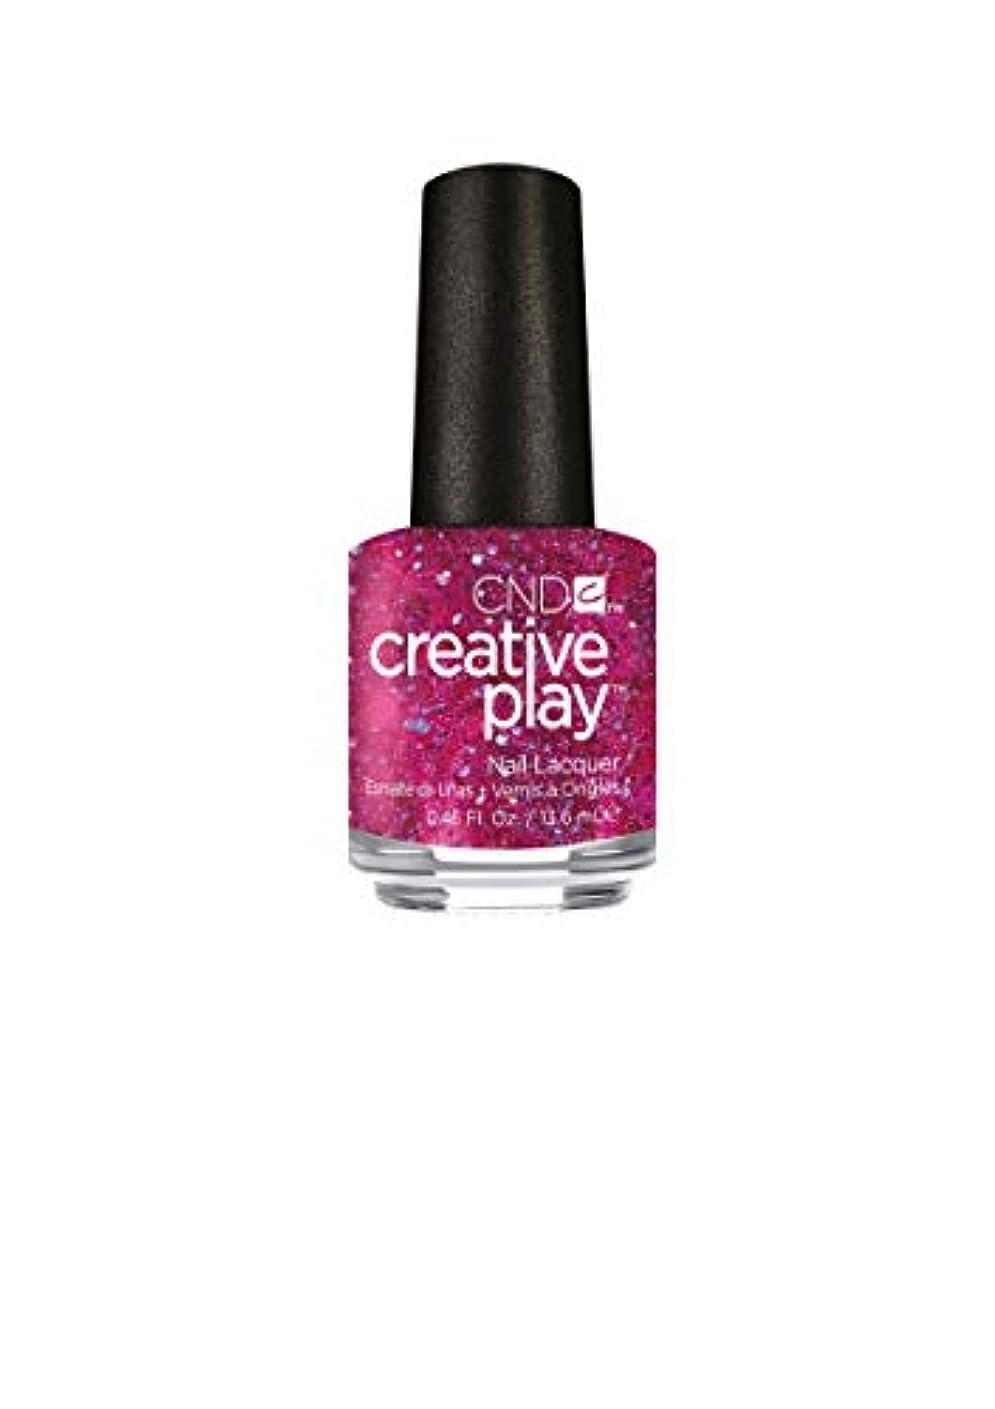 CND Creative Play Lacquer - Dazzleberry - 0.46oz / 13.6ml